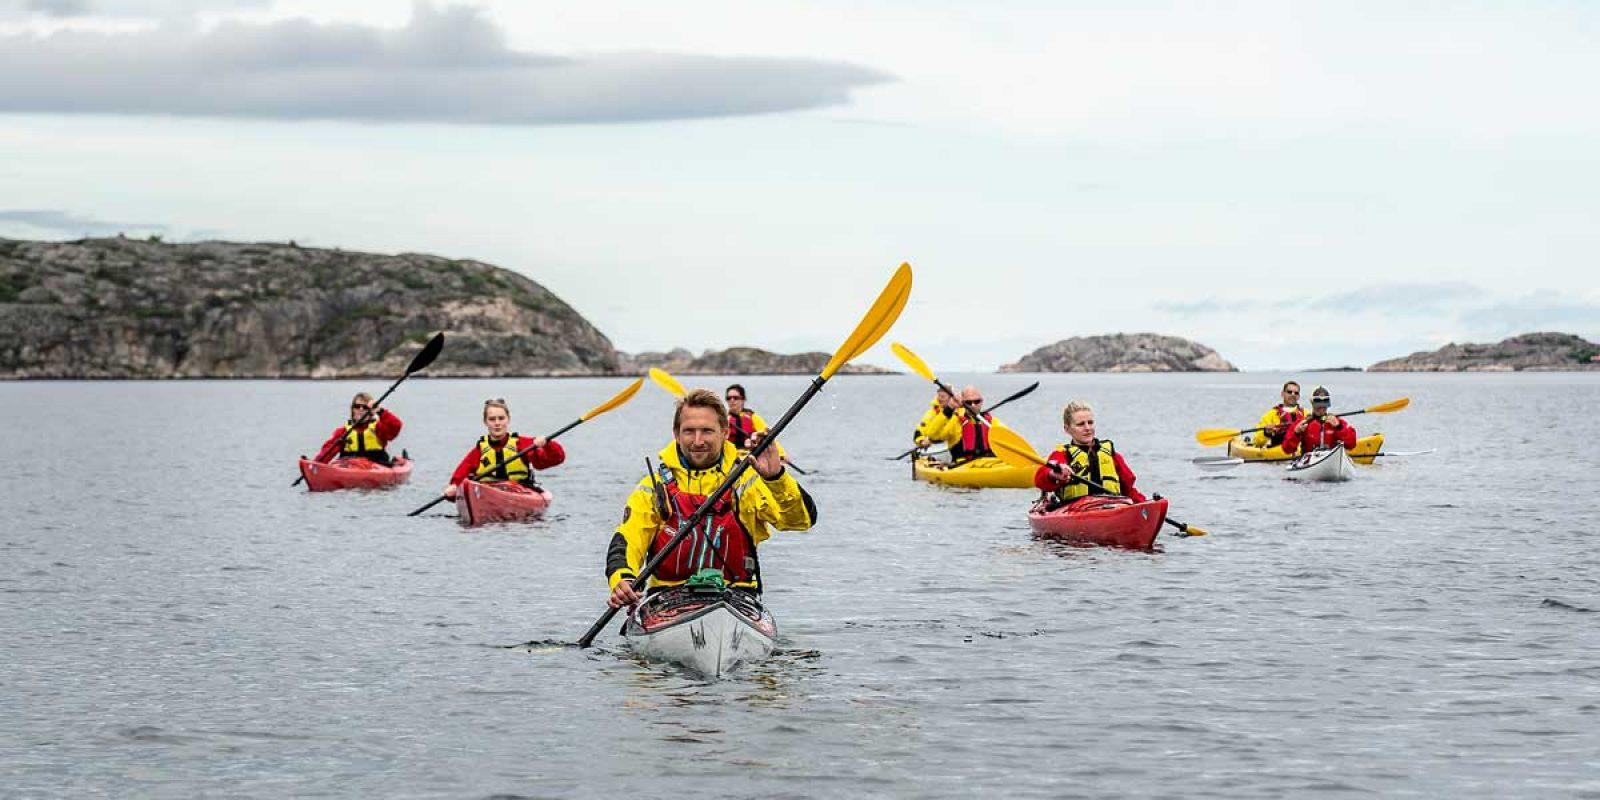 Kajakpaddlare paddlar kajak tillsammans med en guide från Skärgårdsidyllen i norra Bohuslän i Västsverige